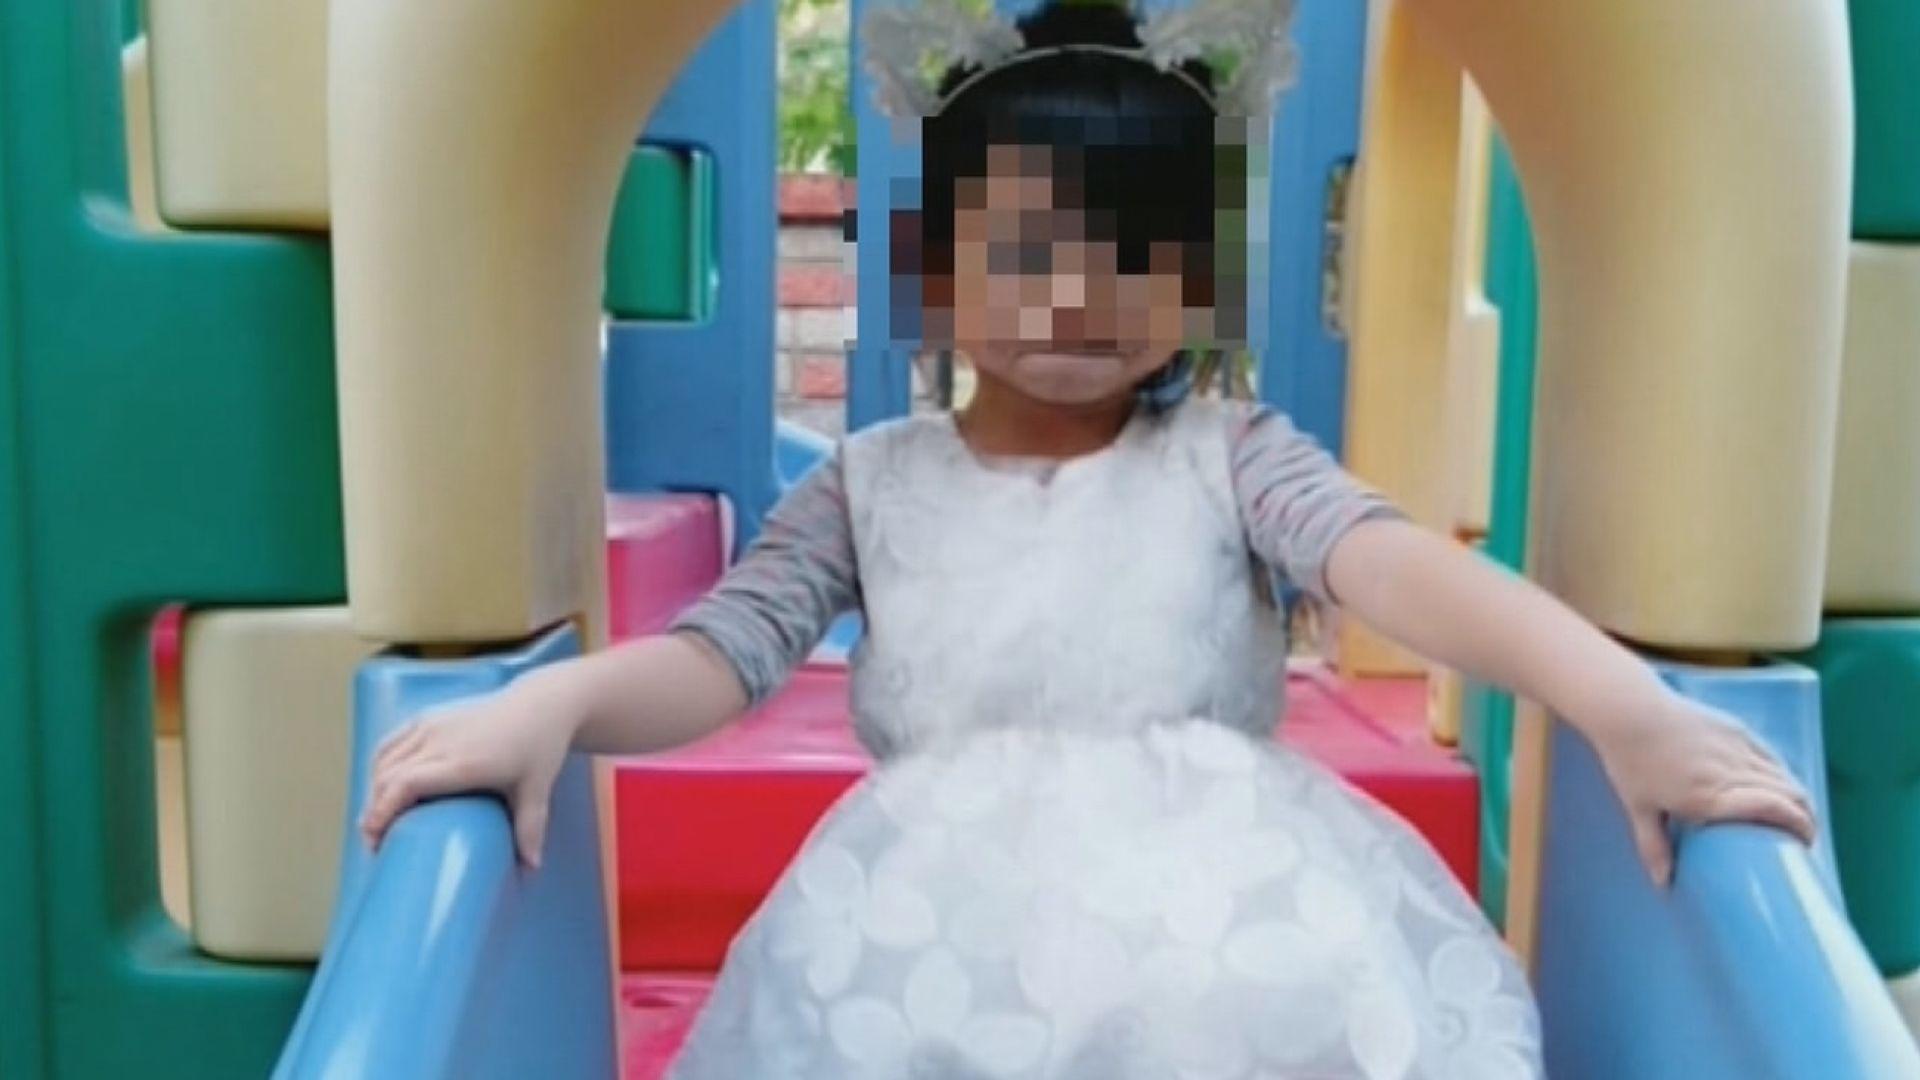 高雄女童玩噴槍死亡 父親疑涉過失致死罪